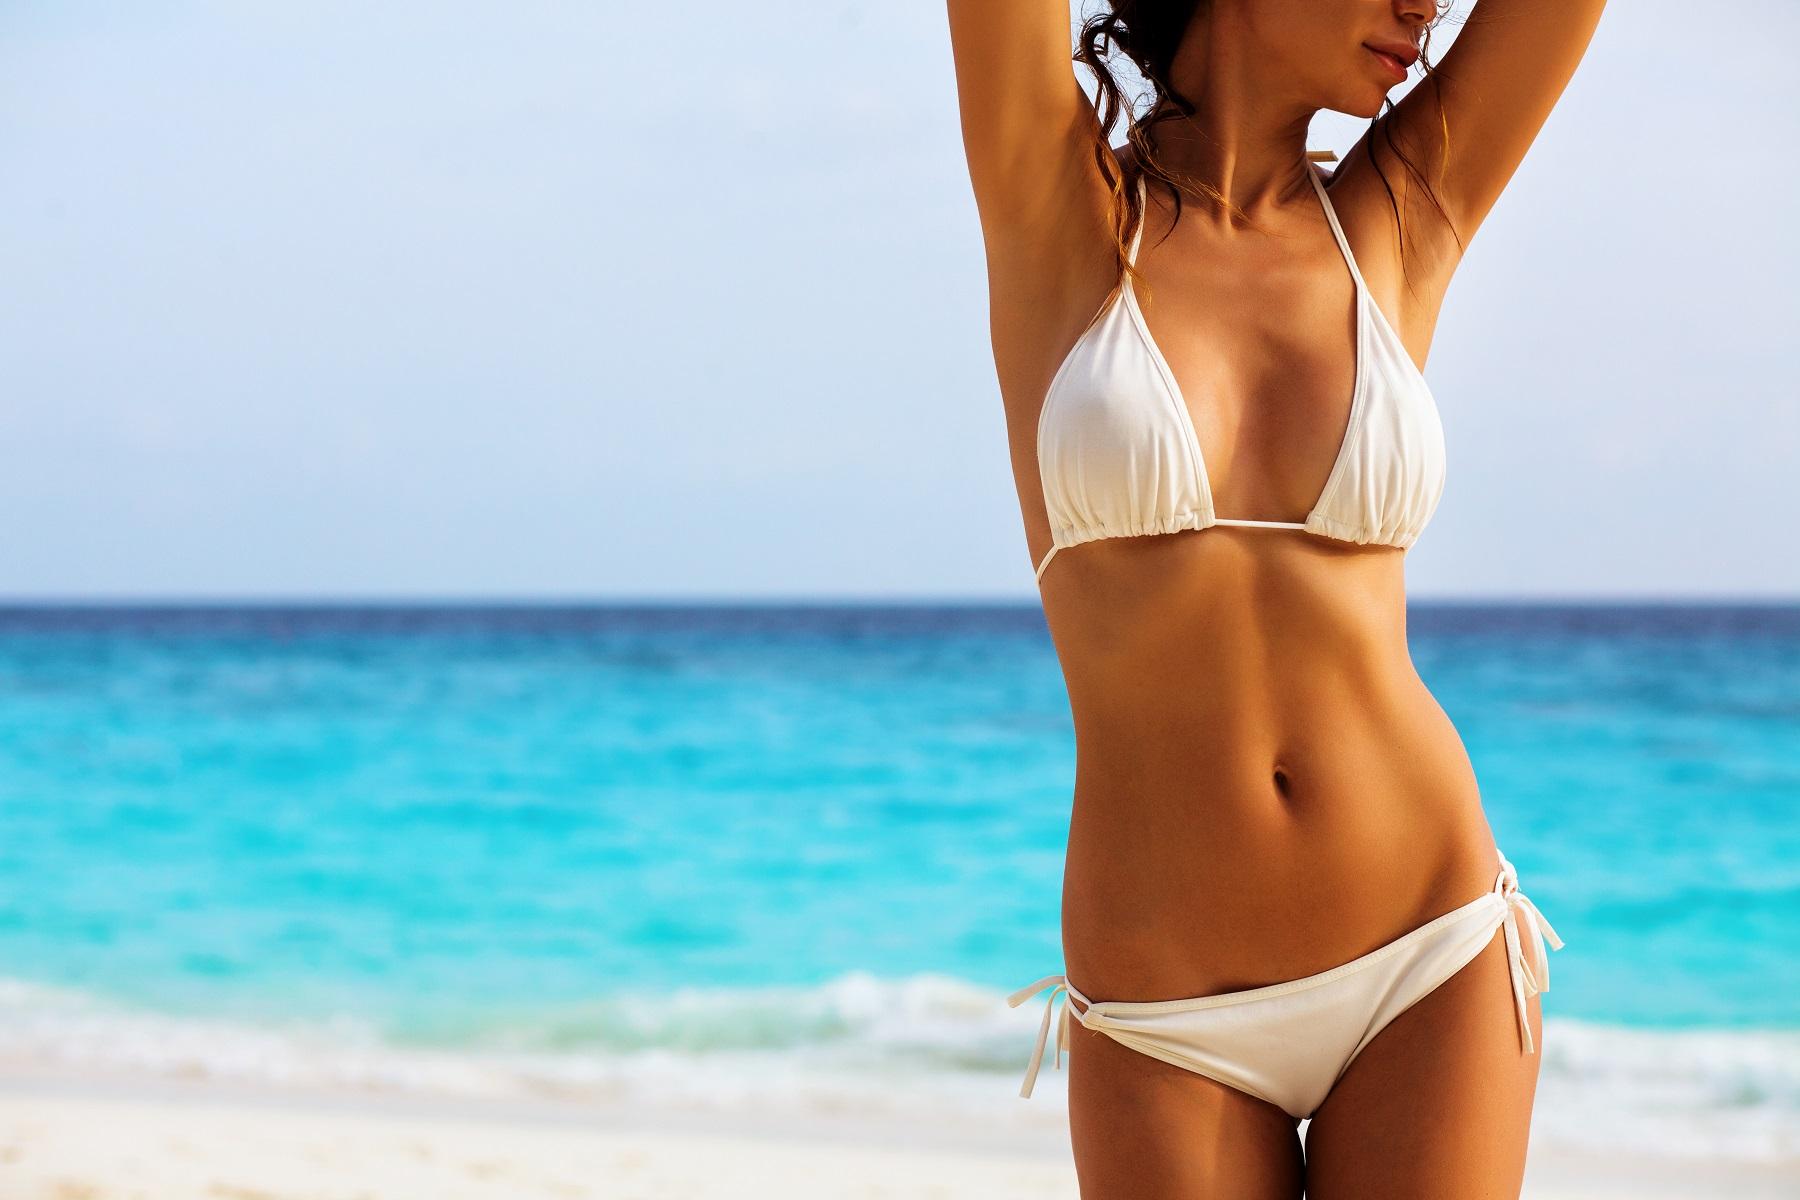 Seksowne kobiety po 40-tce, czyli polskie celebrytki w bikini